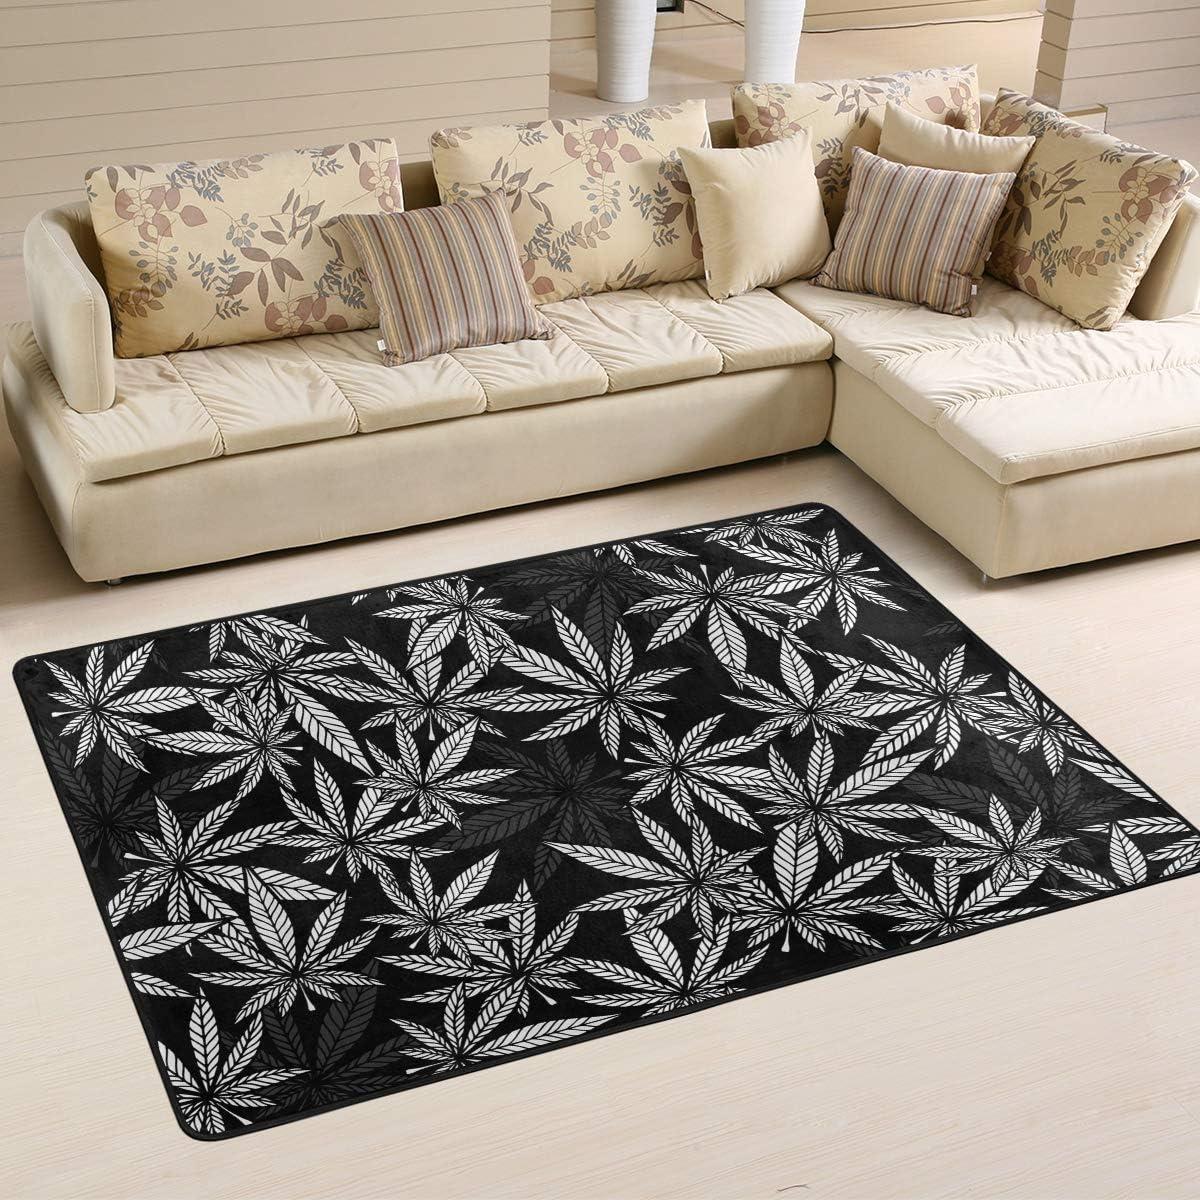 Emoya Alfombra de área blanca cannabis hoja de marihuana ultra suave antideslizante para decoración del hogar, dormitorio, dormitorio rectangular, 60 x 91 cm, tela, multicolor, 121x182cm (4' x 6'feet)